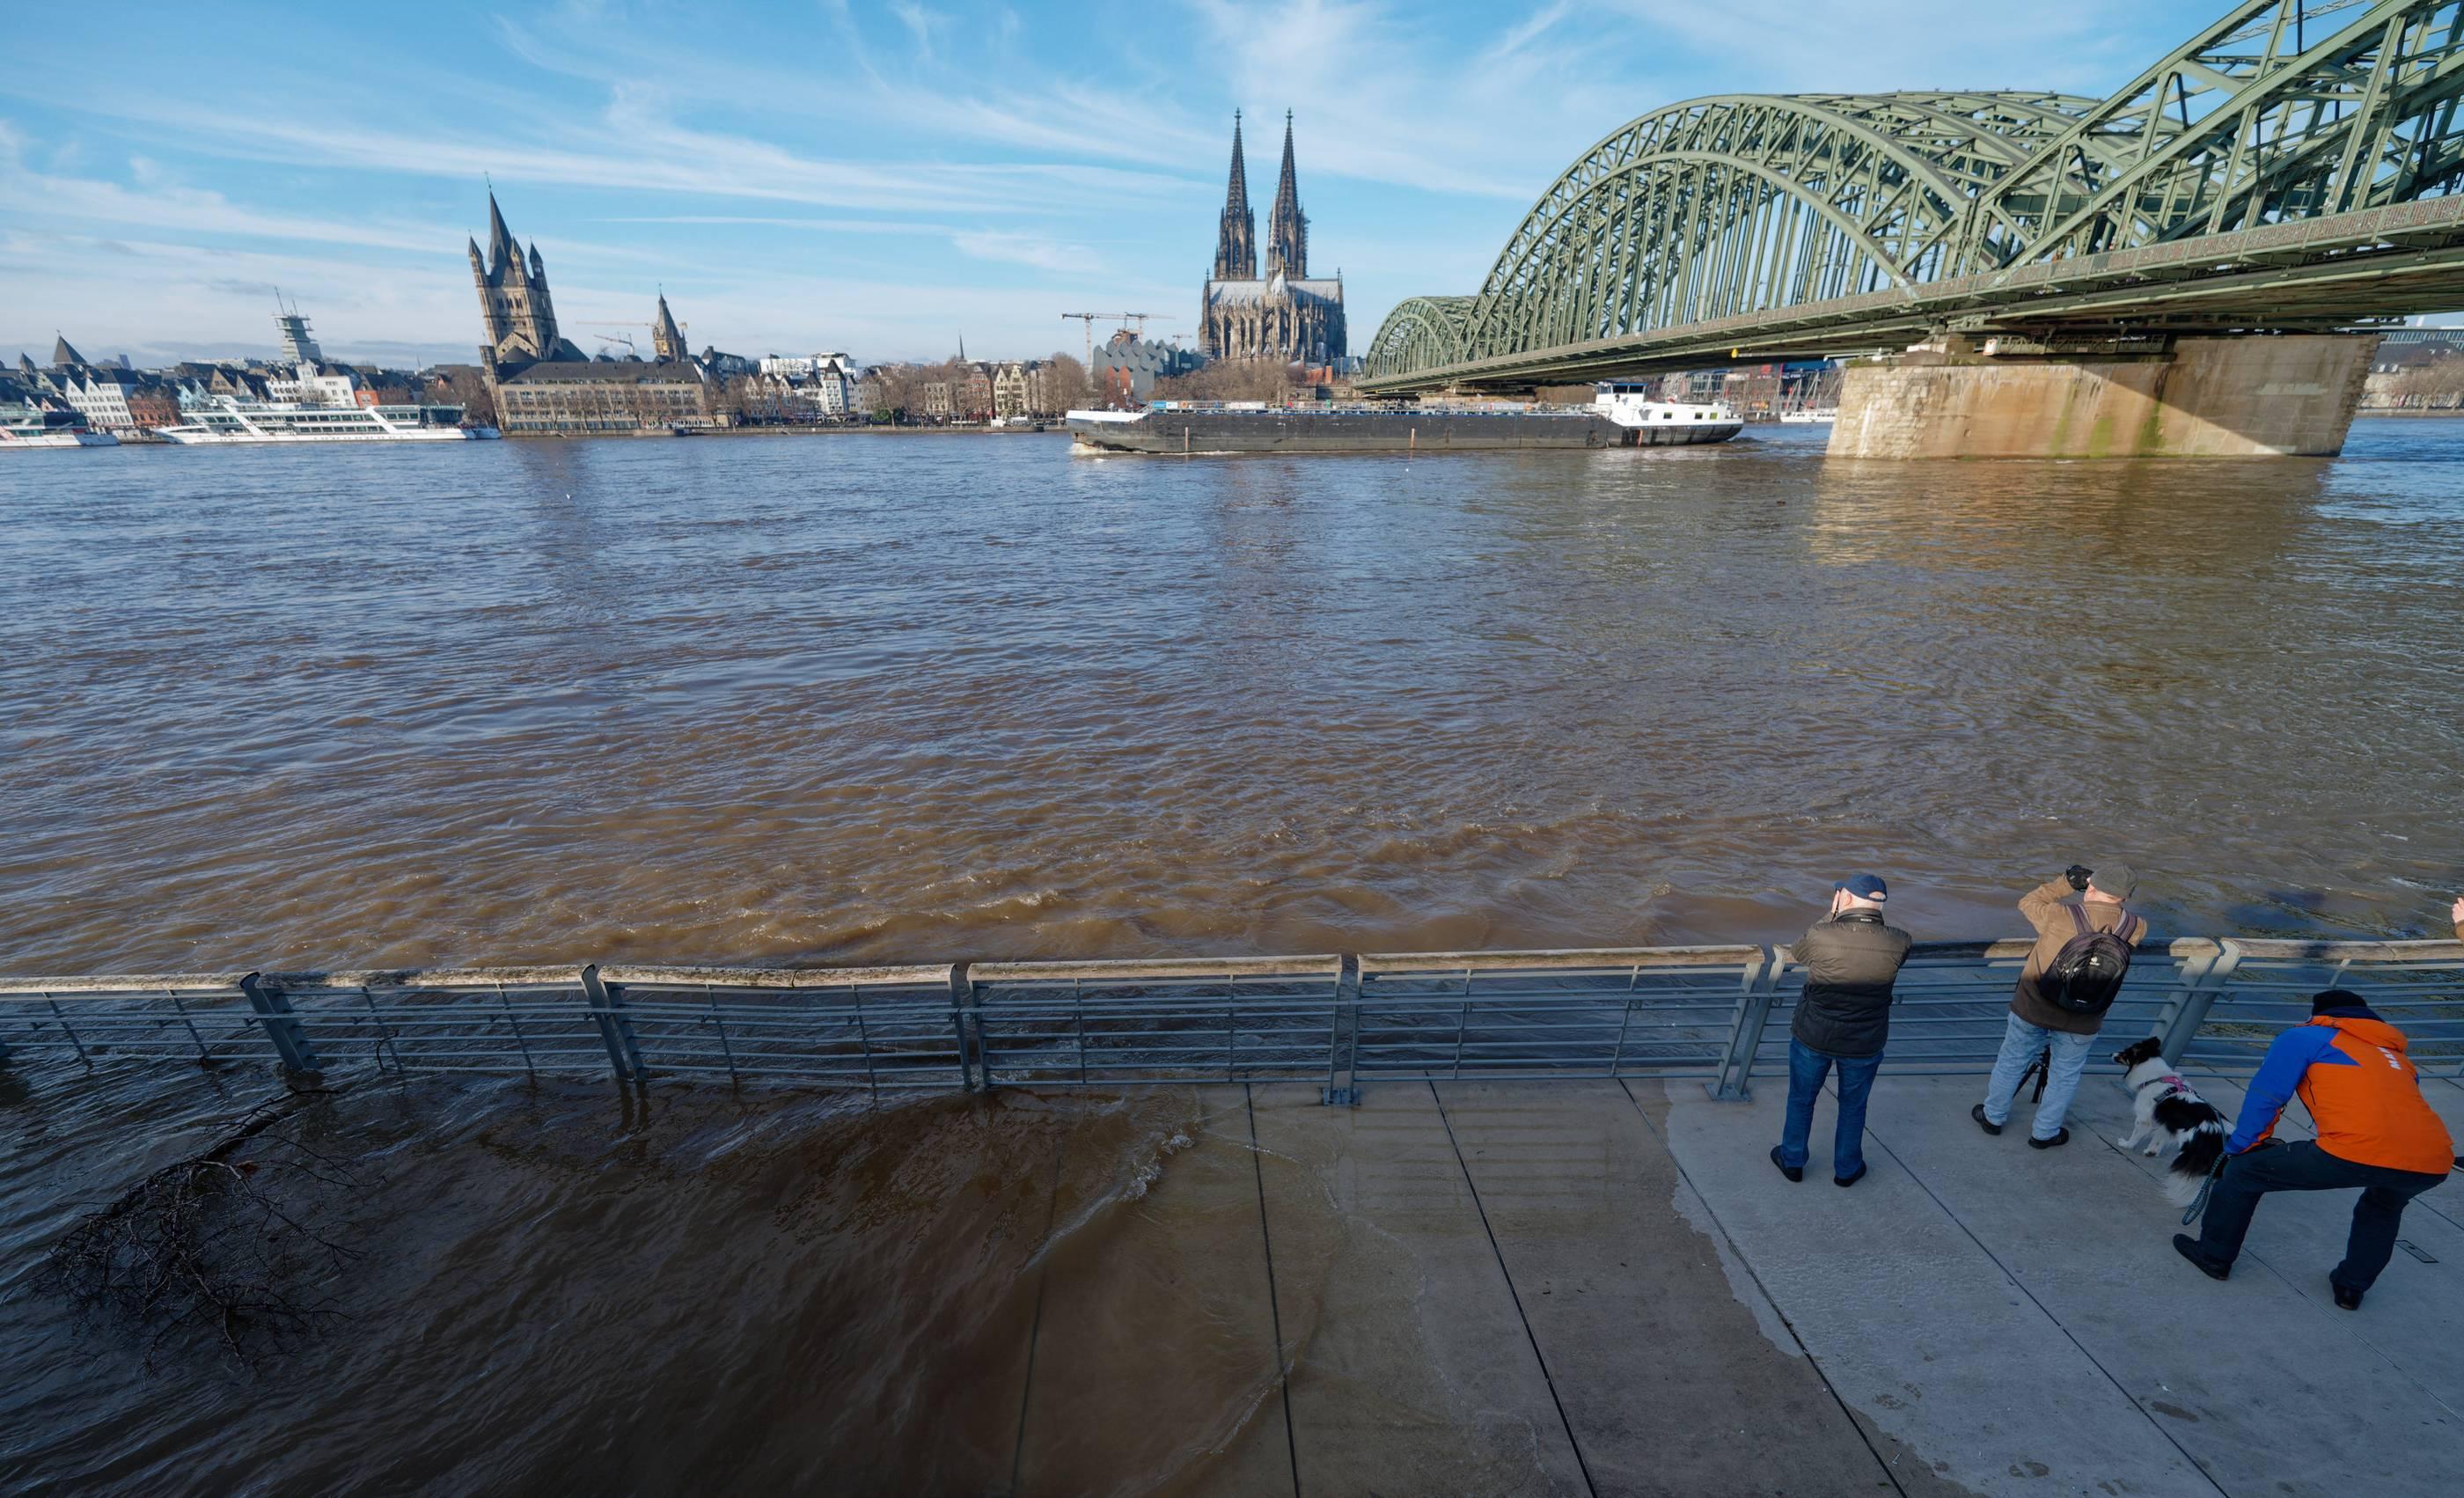 Hochwasser Nrw